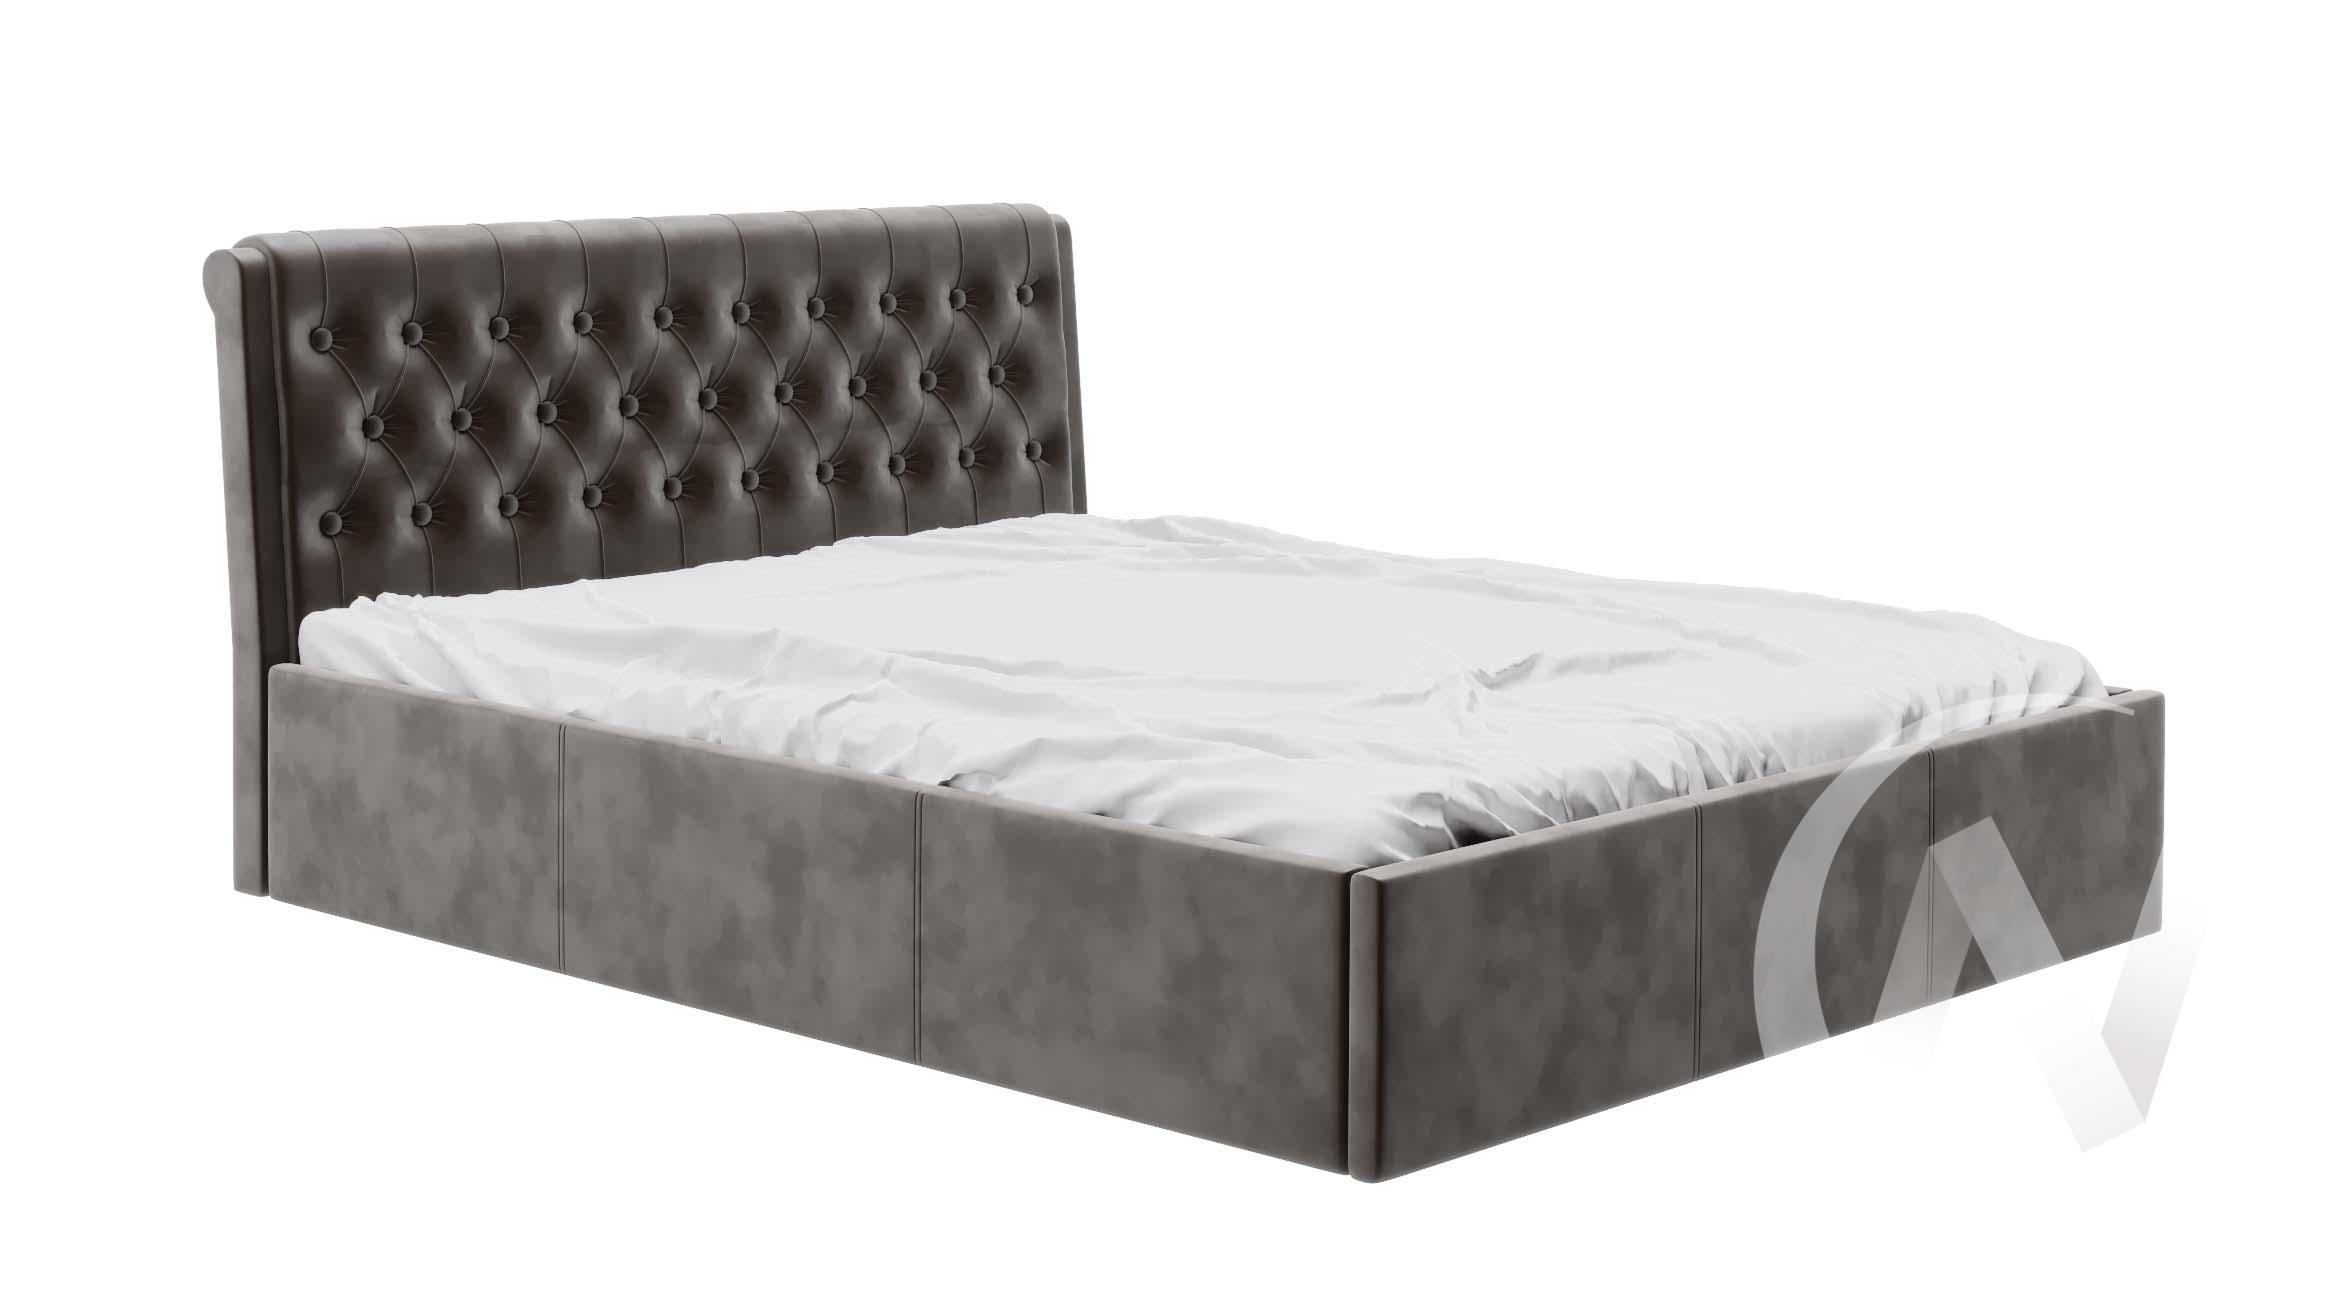 Кровать Дженни 1,4 с подъемным механизмом (вельвет кофе)  в Томске — интернет магазин МИРА-мебель